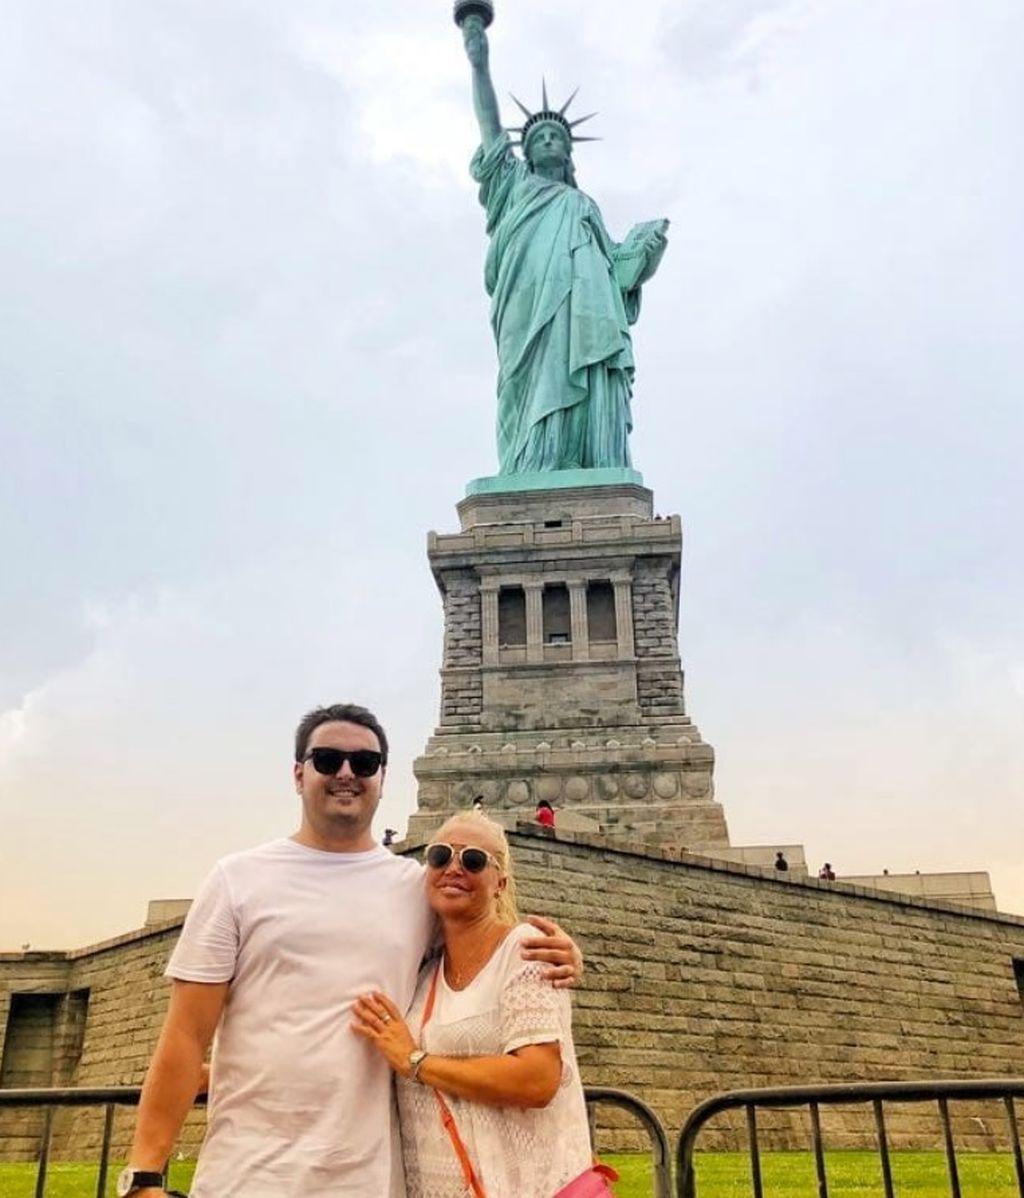 De la Estatua de la Libertad al Bronx: Belén Esteban se patea Nueva York en sus vacaciones con el Míguel